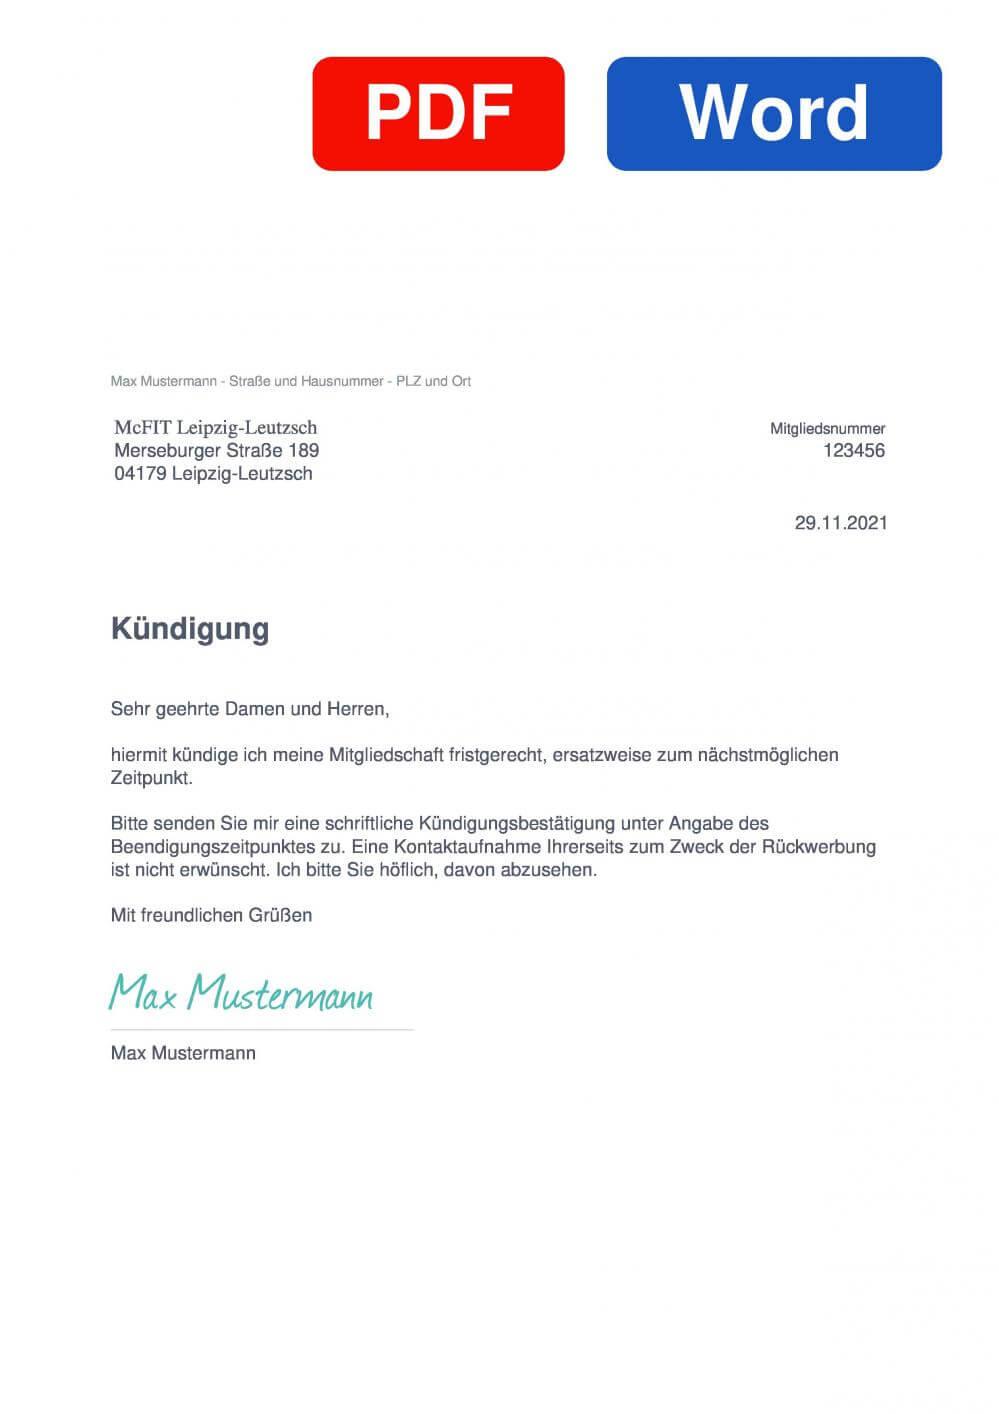 McFIT Leipzig-Leutzsch Muster Vorlage für Kündigungsschreiben